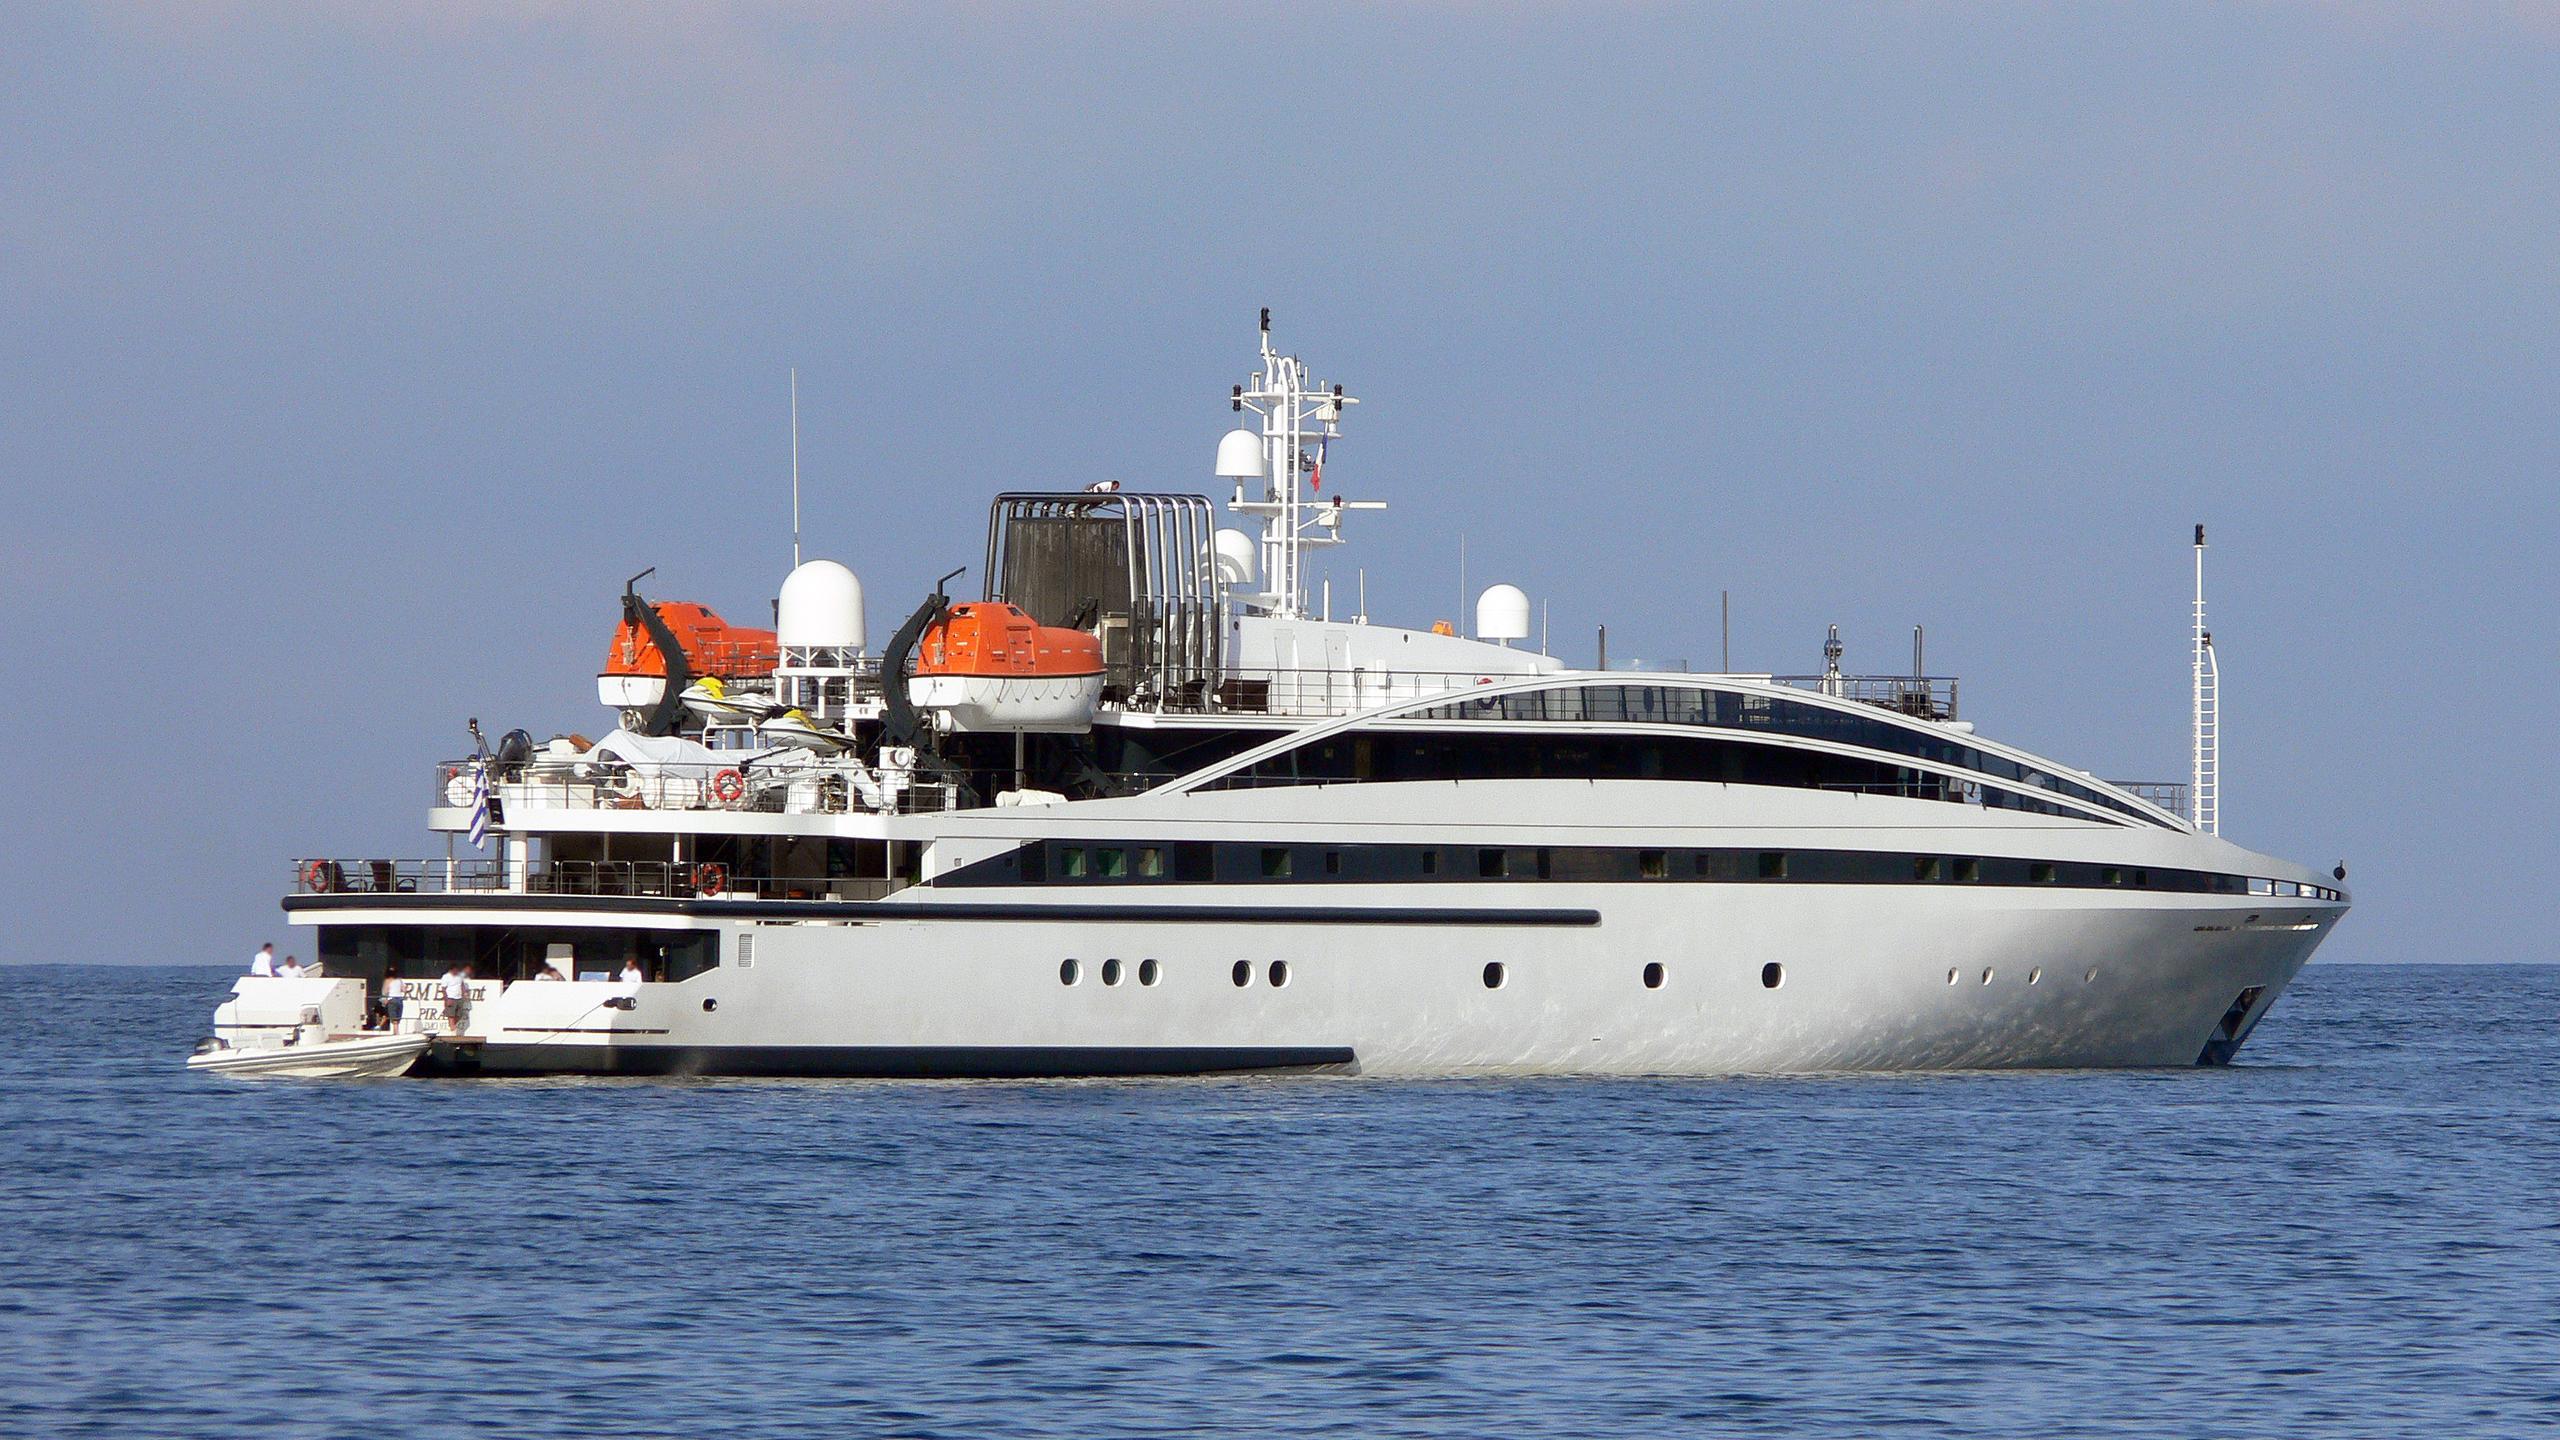 elegant-007-rm-elegant--motor-yacht-lamda-2005-72m-half-profile